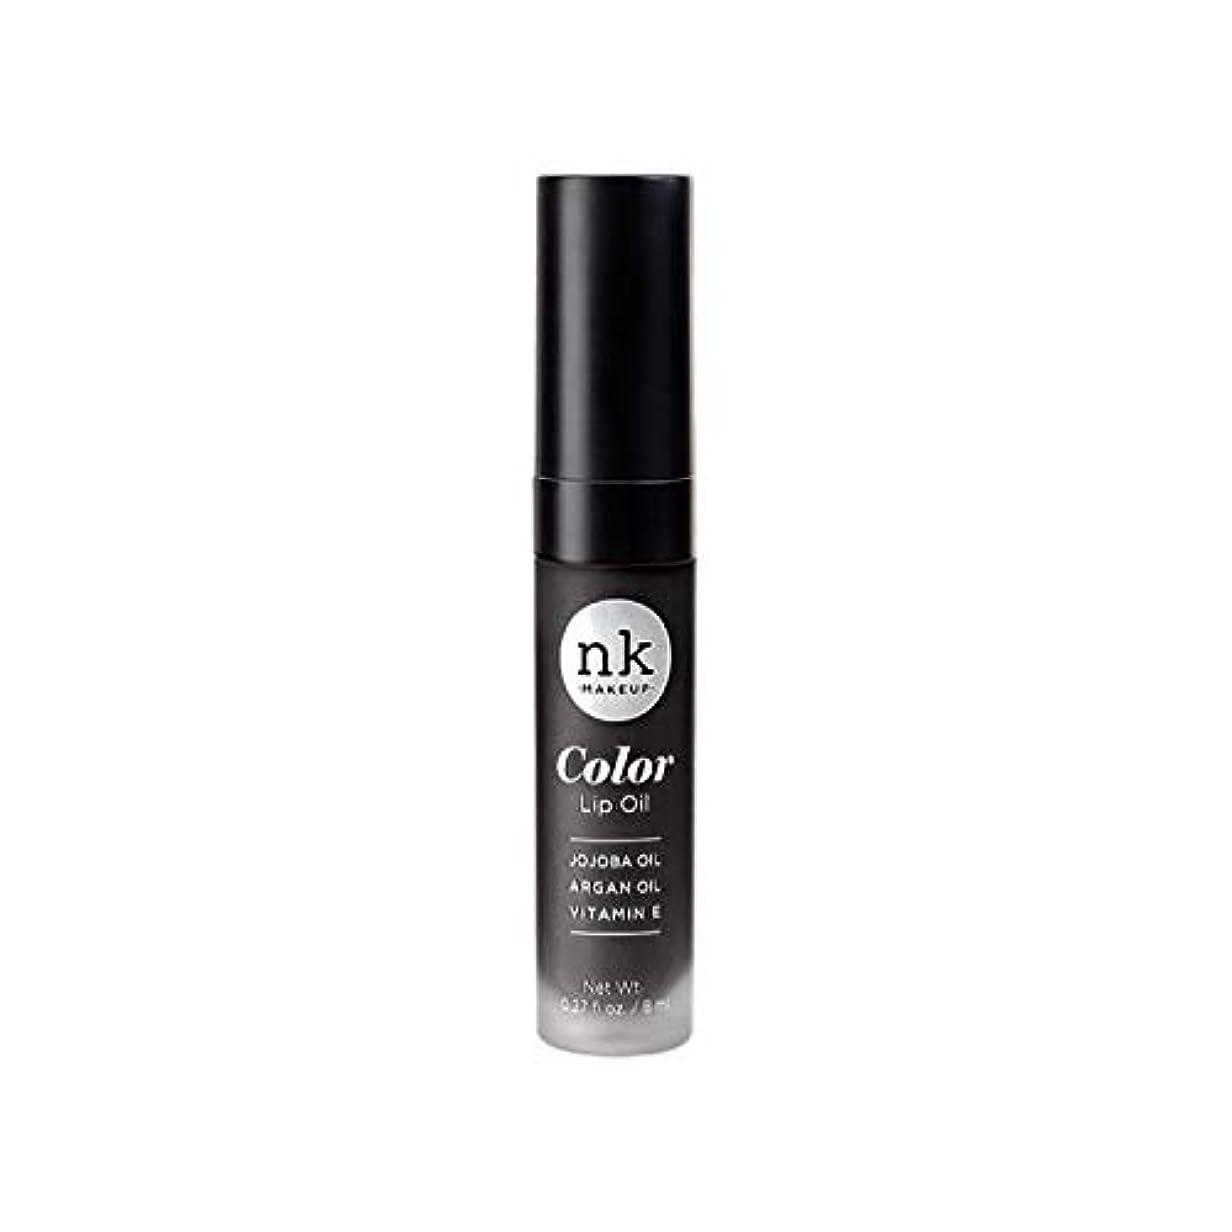 出会い移行する影響力のある(3 Pack) NICKA K Color Lip Oil - Merlot (並行輸入品)